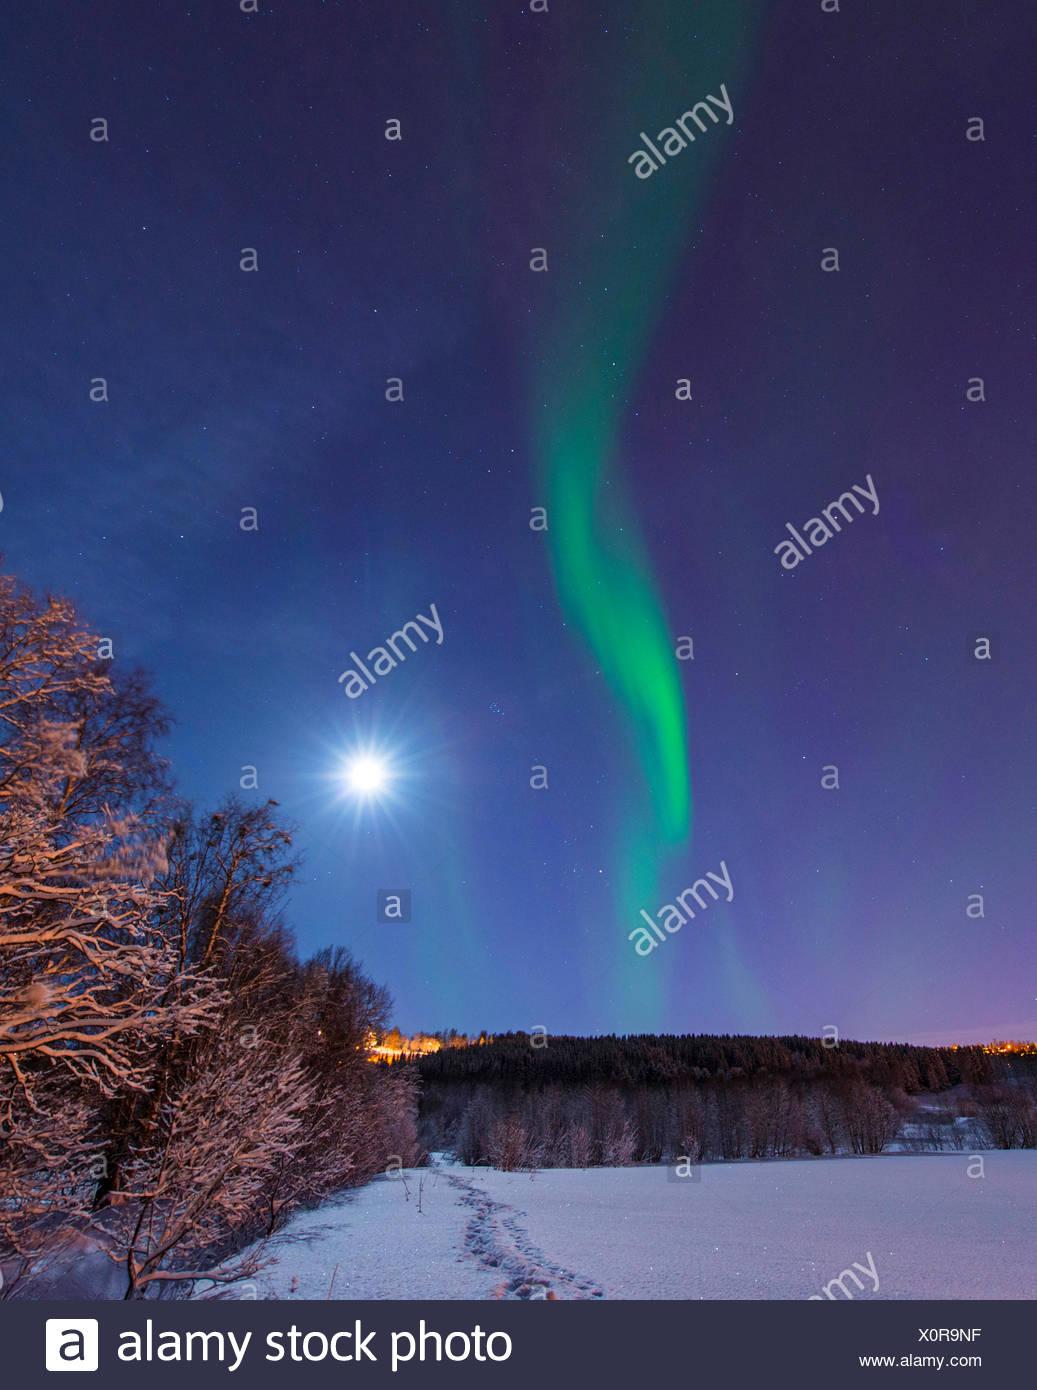 Aurora et lune au-dessus de paysages d'hiver, de la Norvège, Troms, Tromsoe Photo Stock